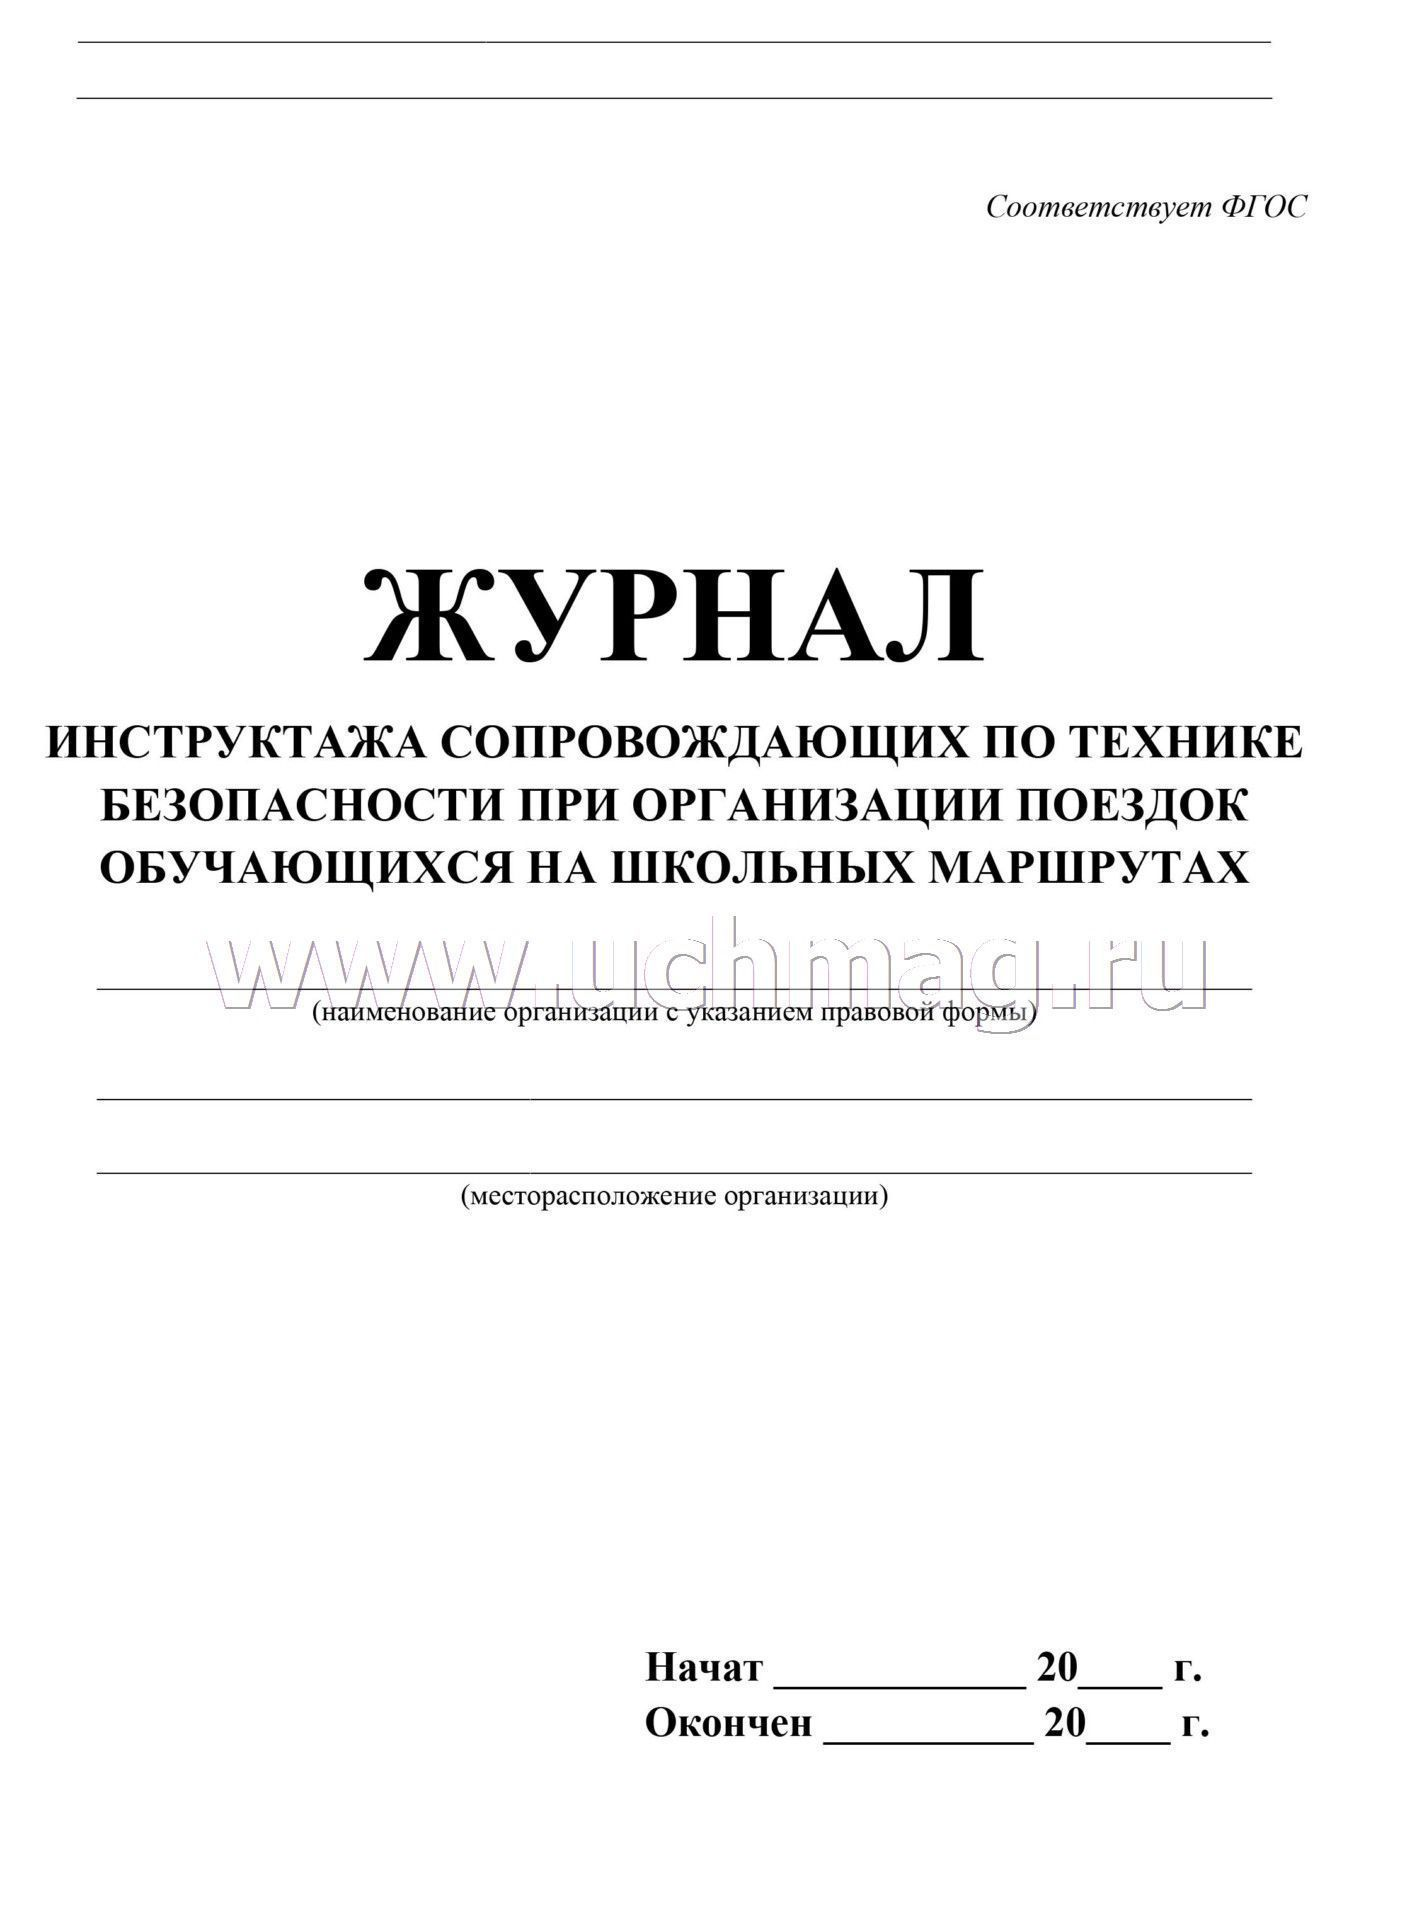 Журнал регистрации инструктажа обучающихся, воспитанников по.